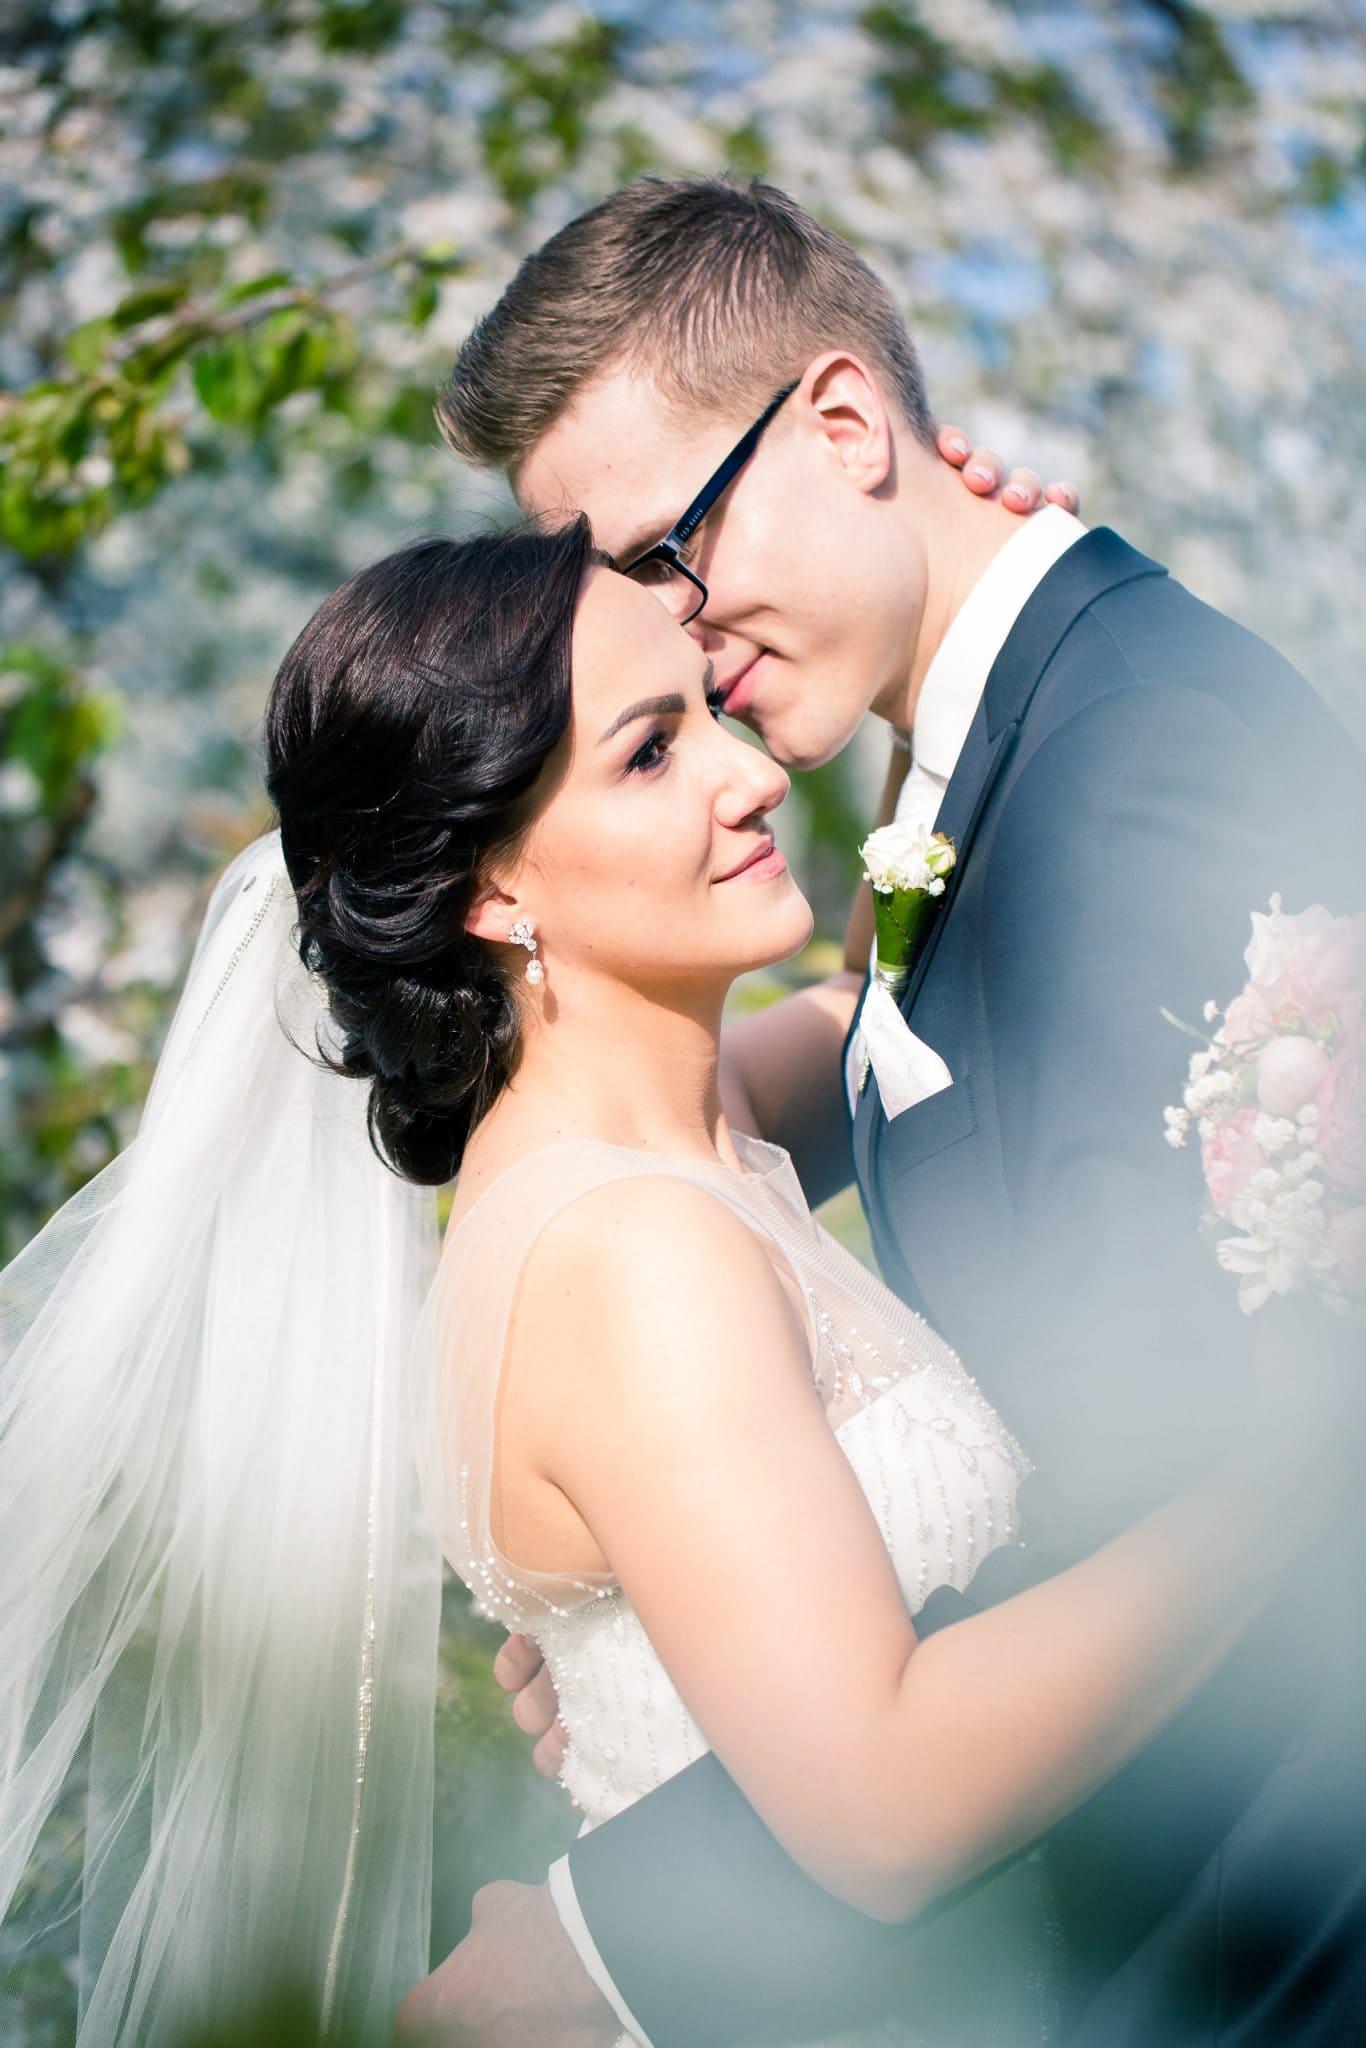 hochzeit_wedding_tirol_045_dianapeter_photography_hochzeitsfotografie_portraitfotografie__d3_3814